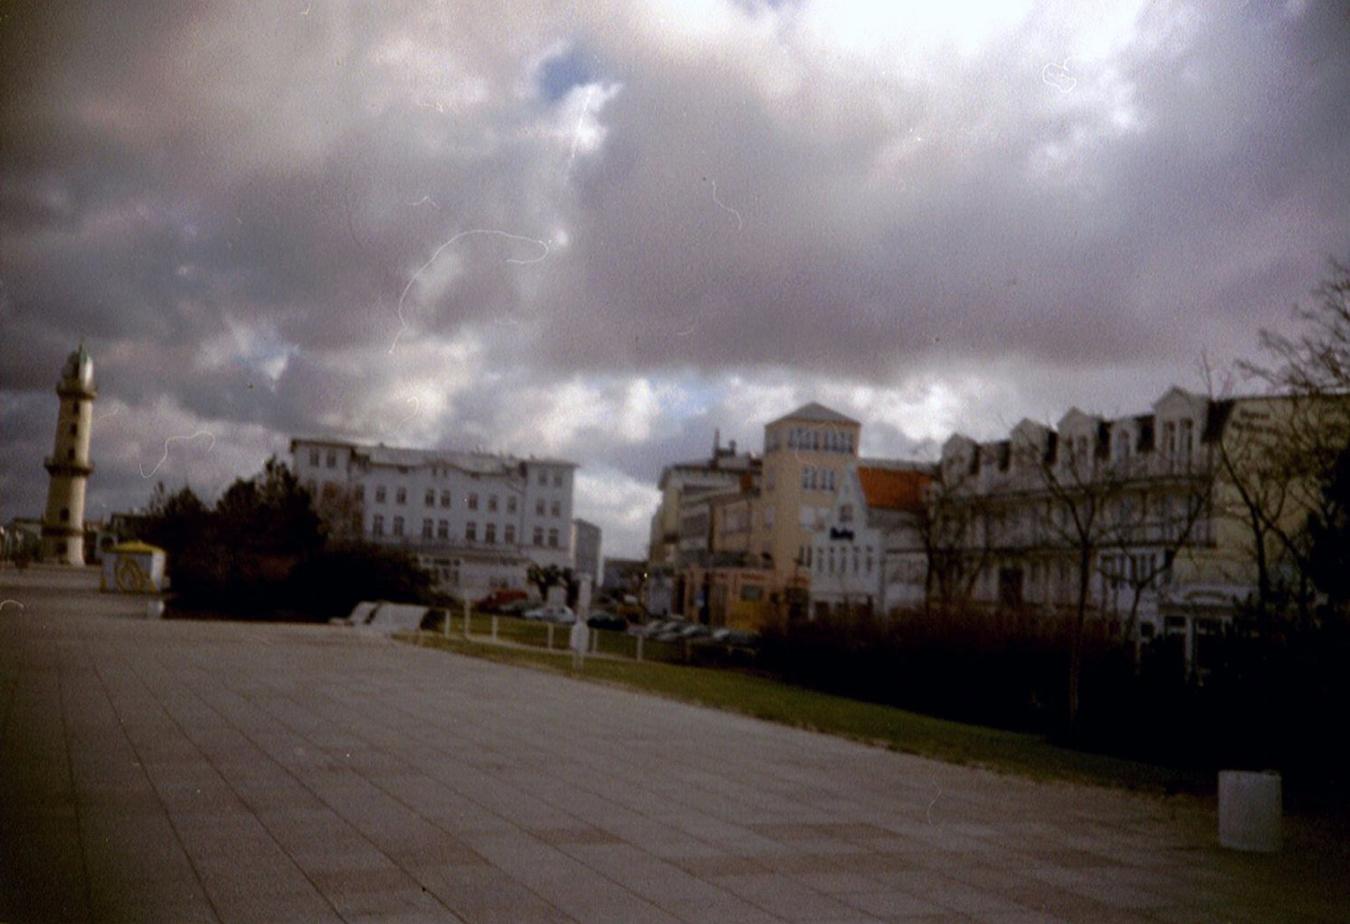 Lomografie – Promenade mit Leuchtturm in Warnemünde